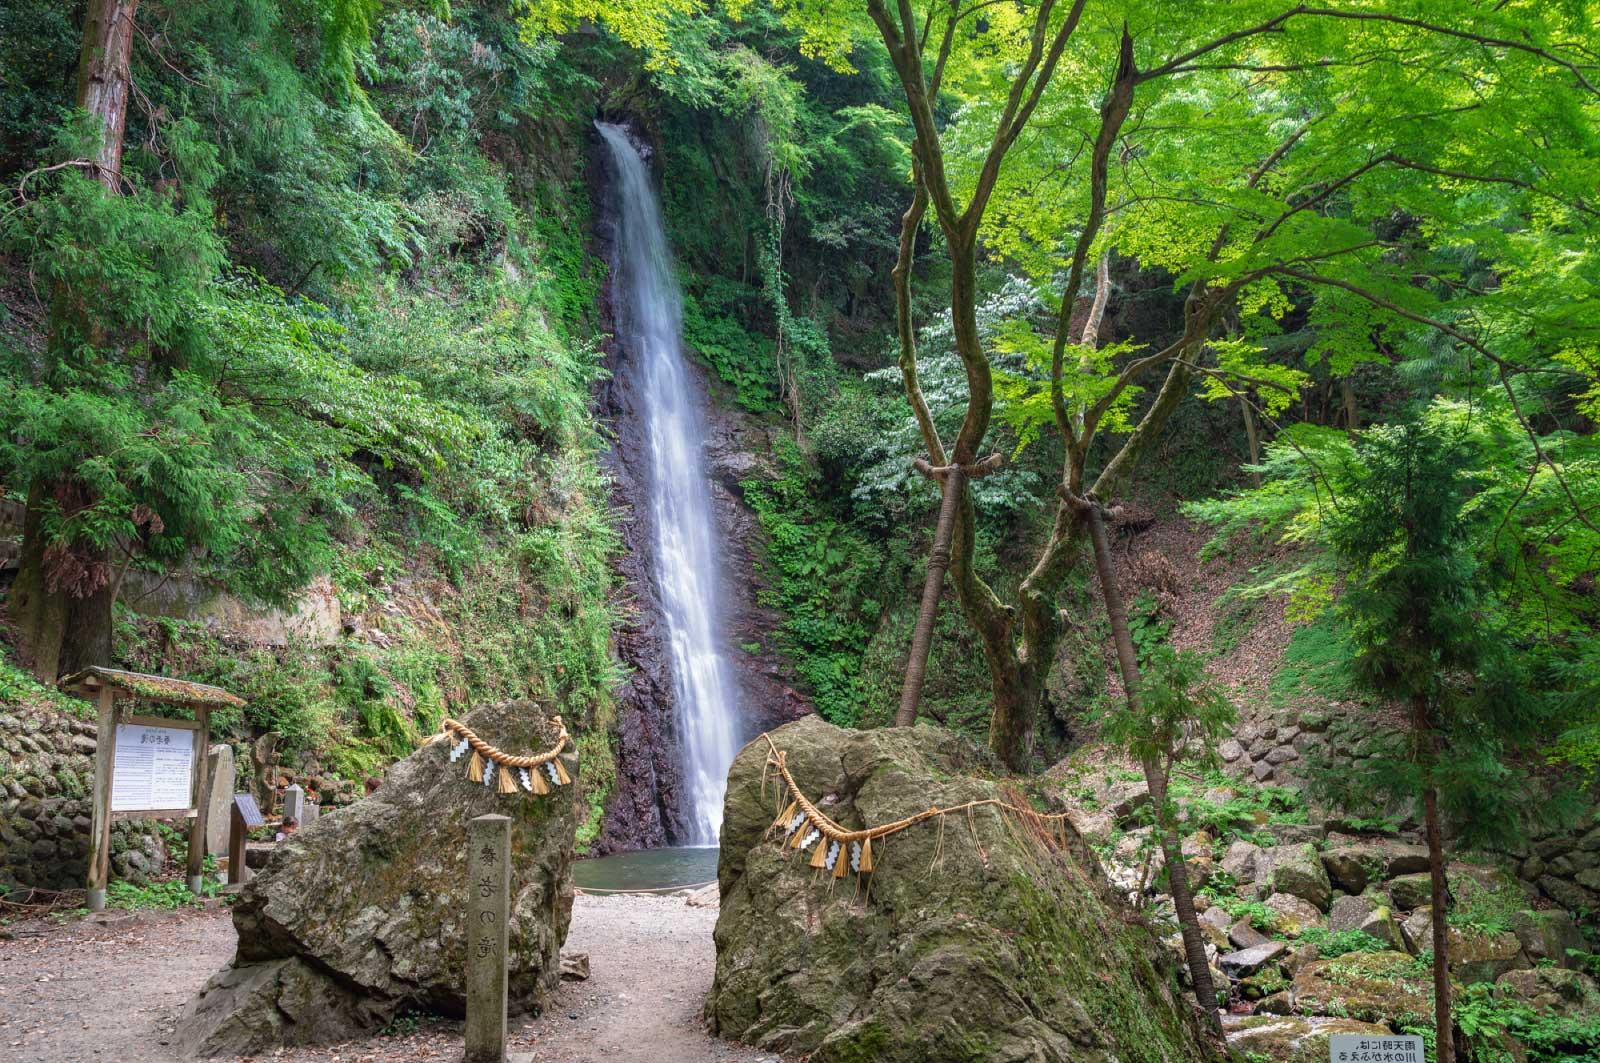 「養老の滝」は岐阜県養老郡養老町にある滝